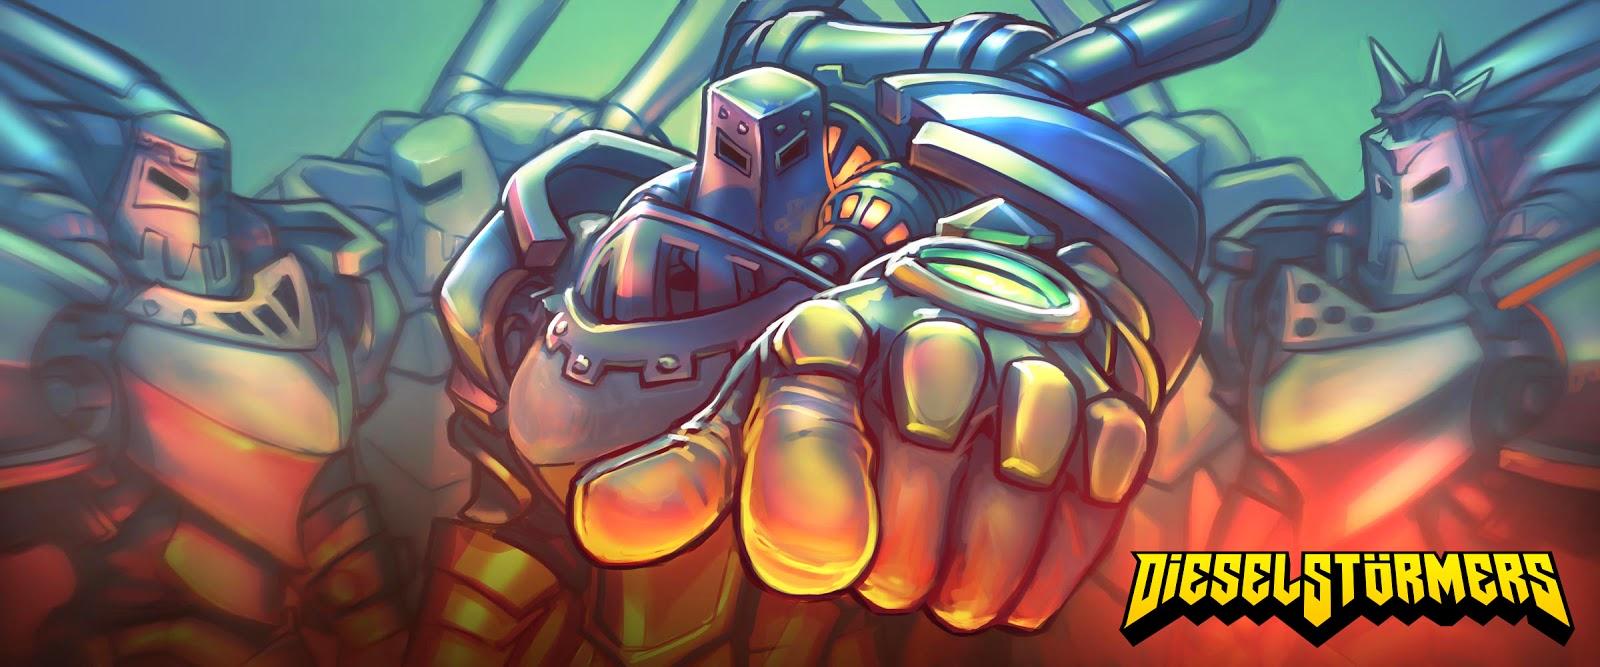 Game DieselStormers